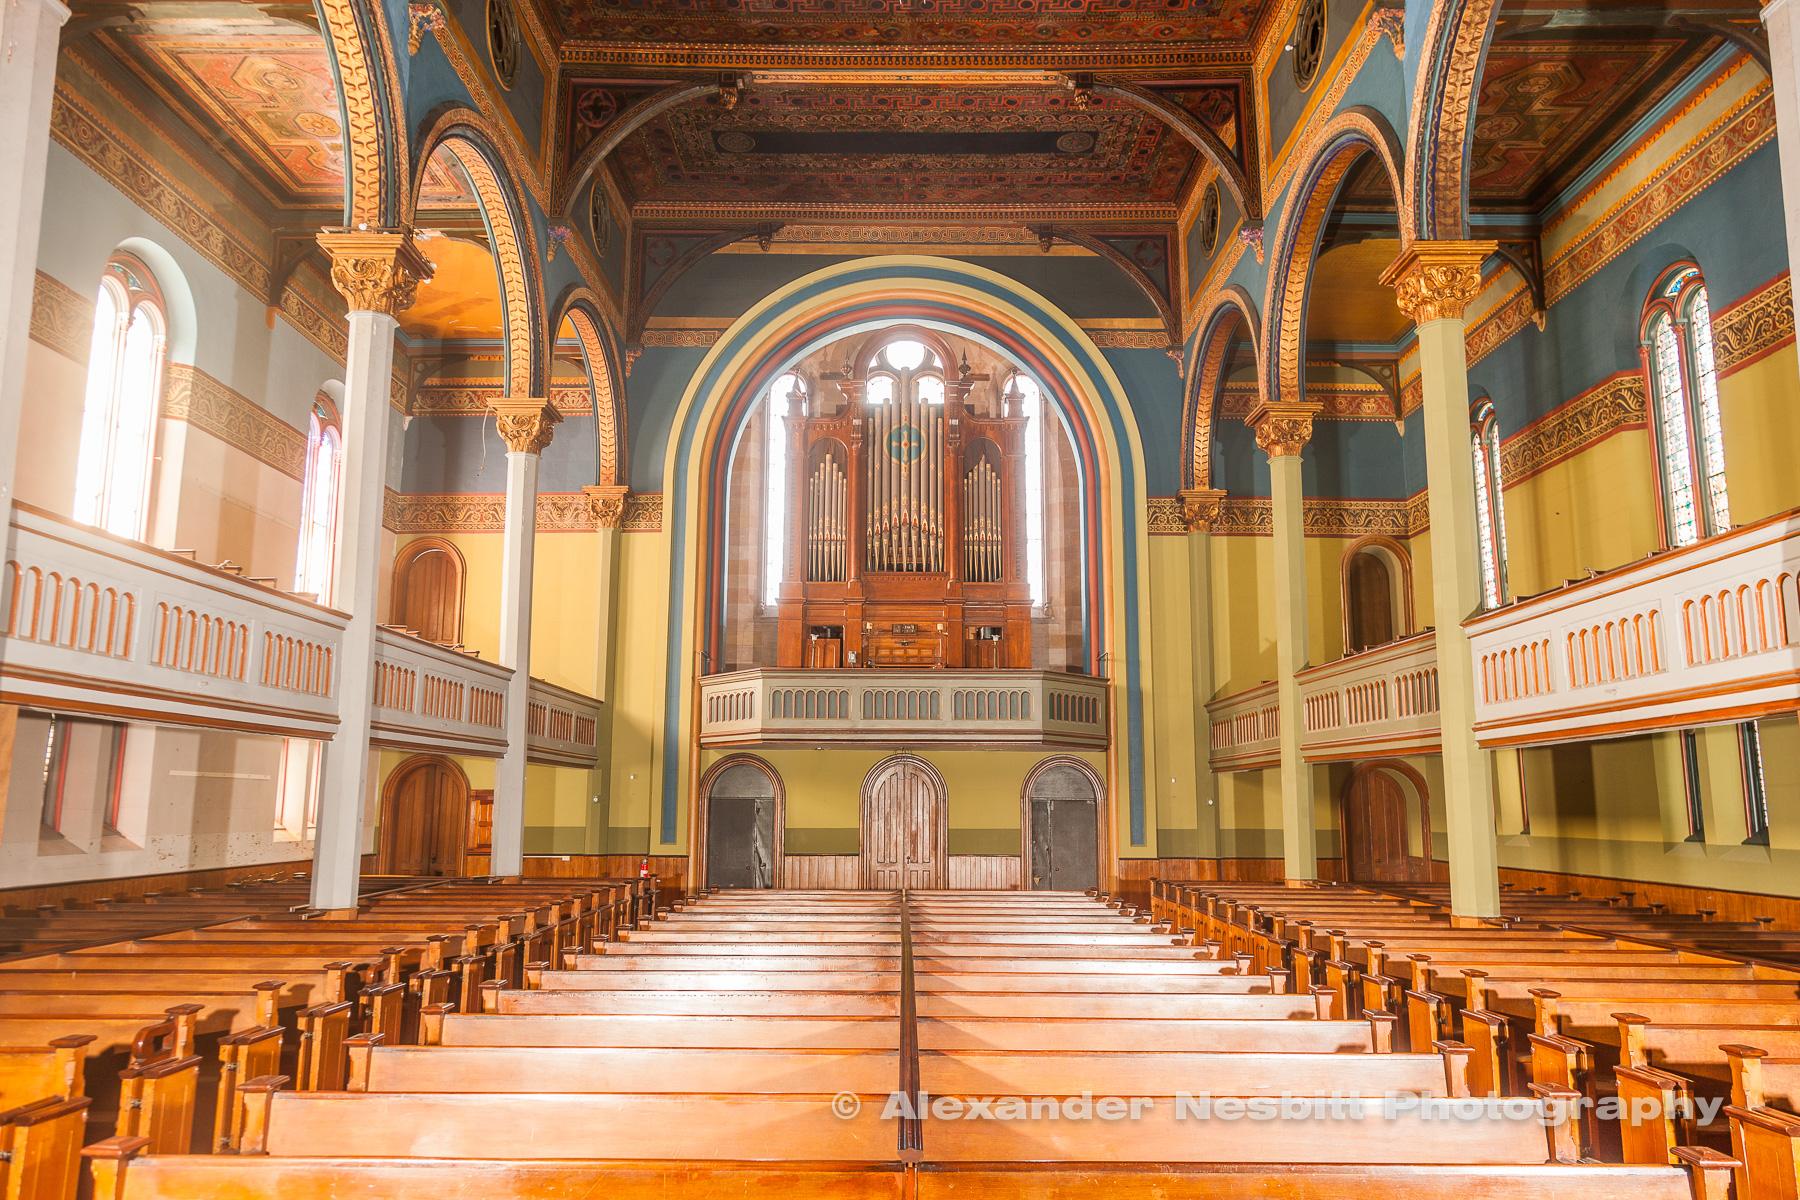 Nesbitt-Congregational-Church-interior-5E6A5586